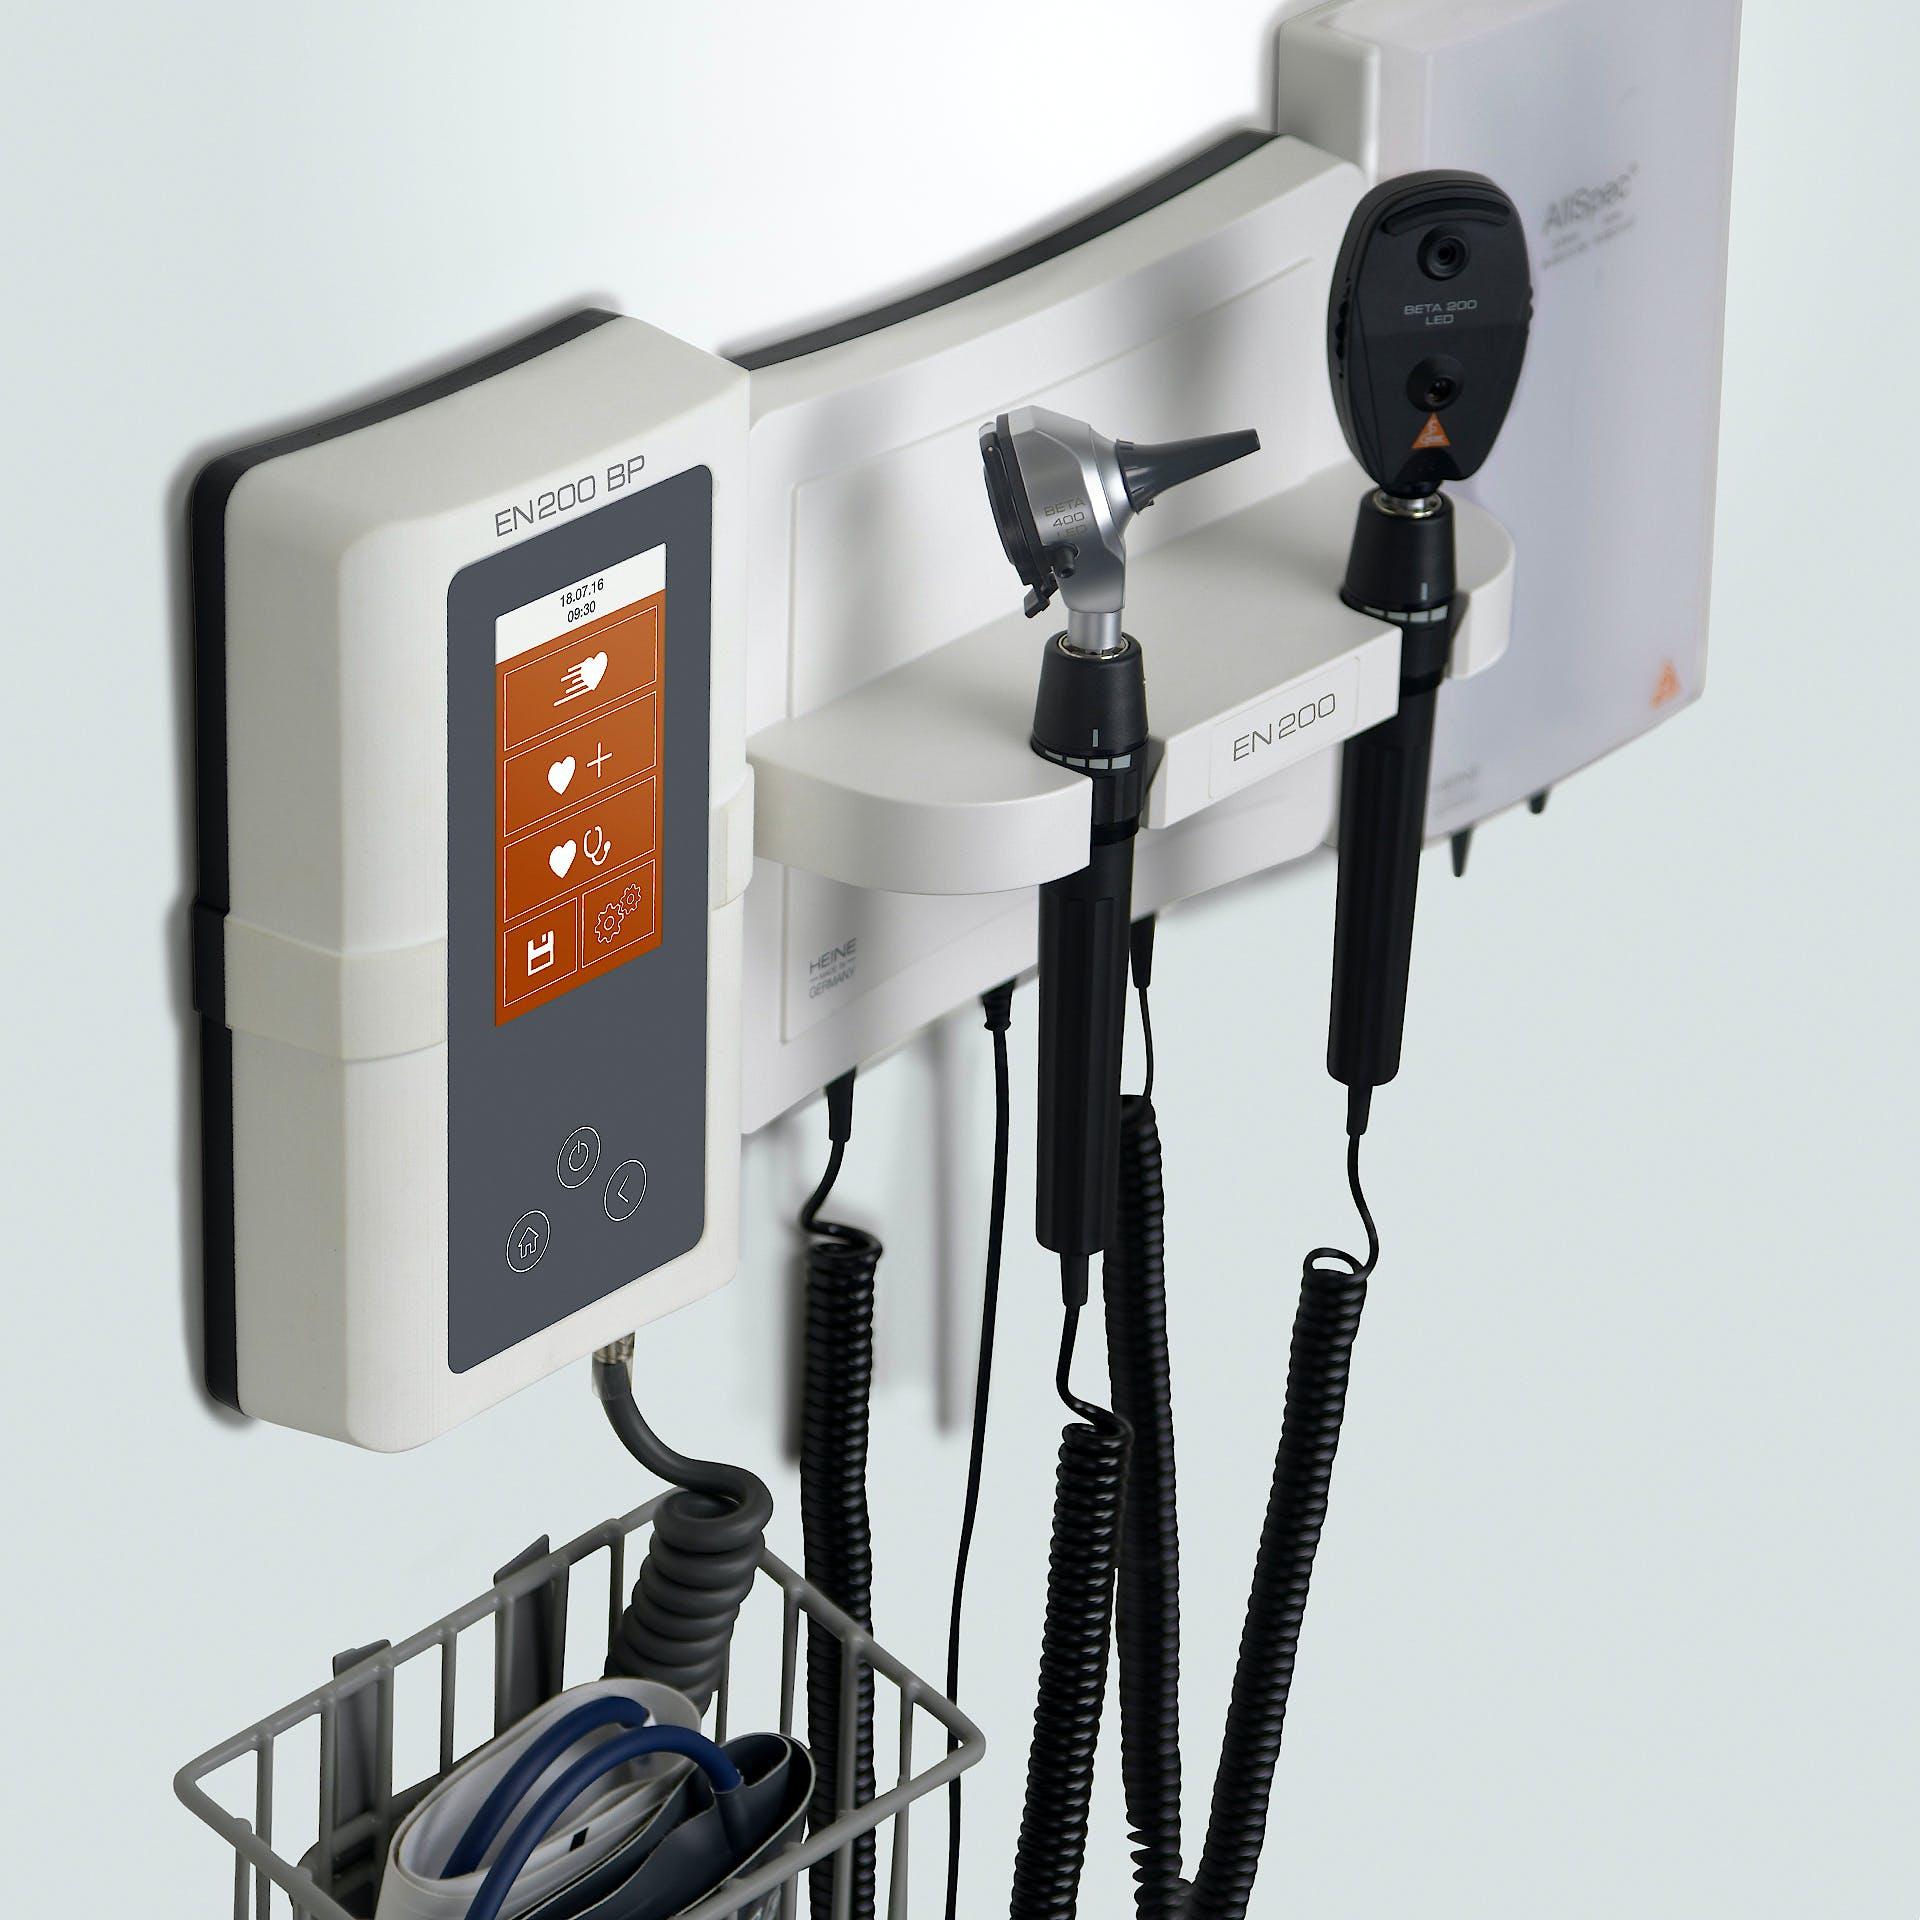 Centro de Diagnóstico Mural Heine EN 200 con Oto-Oftalmoscopio K 180 3,5 V. y Juego Espéculos Sanalon